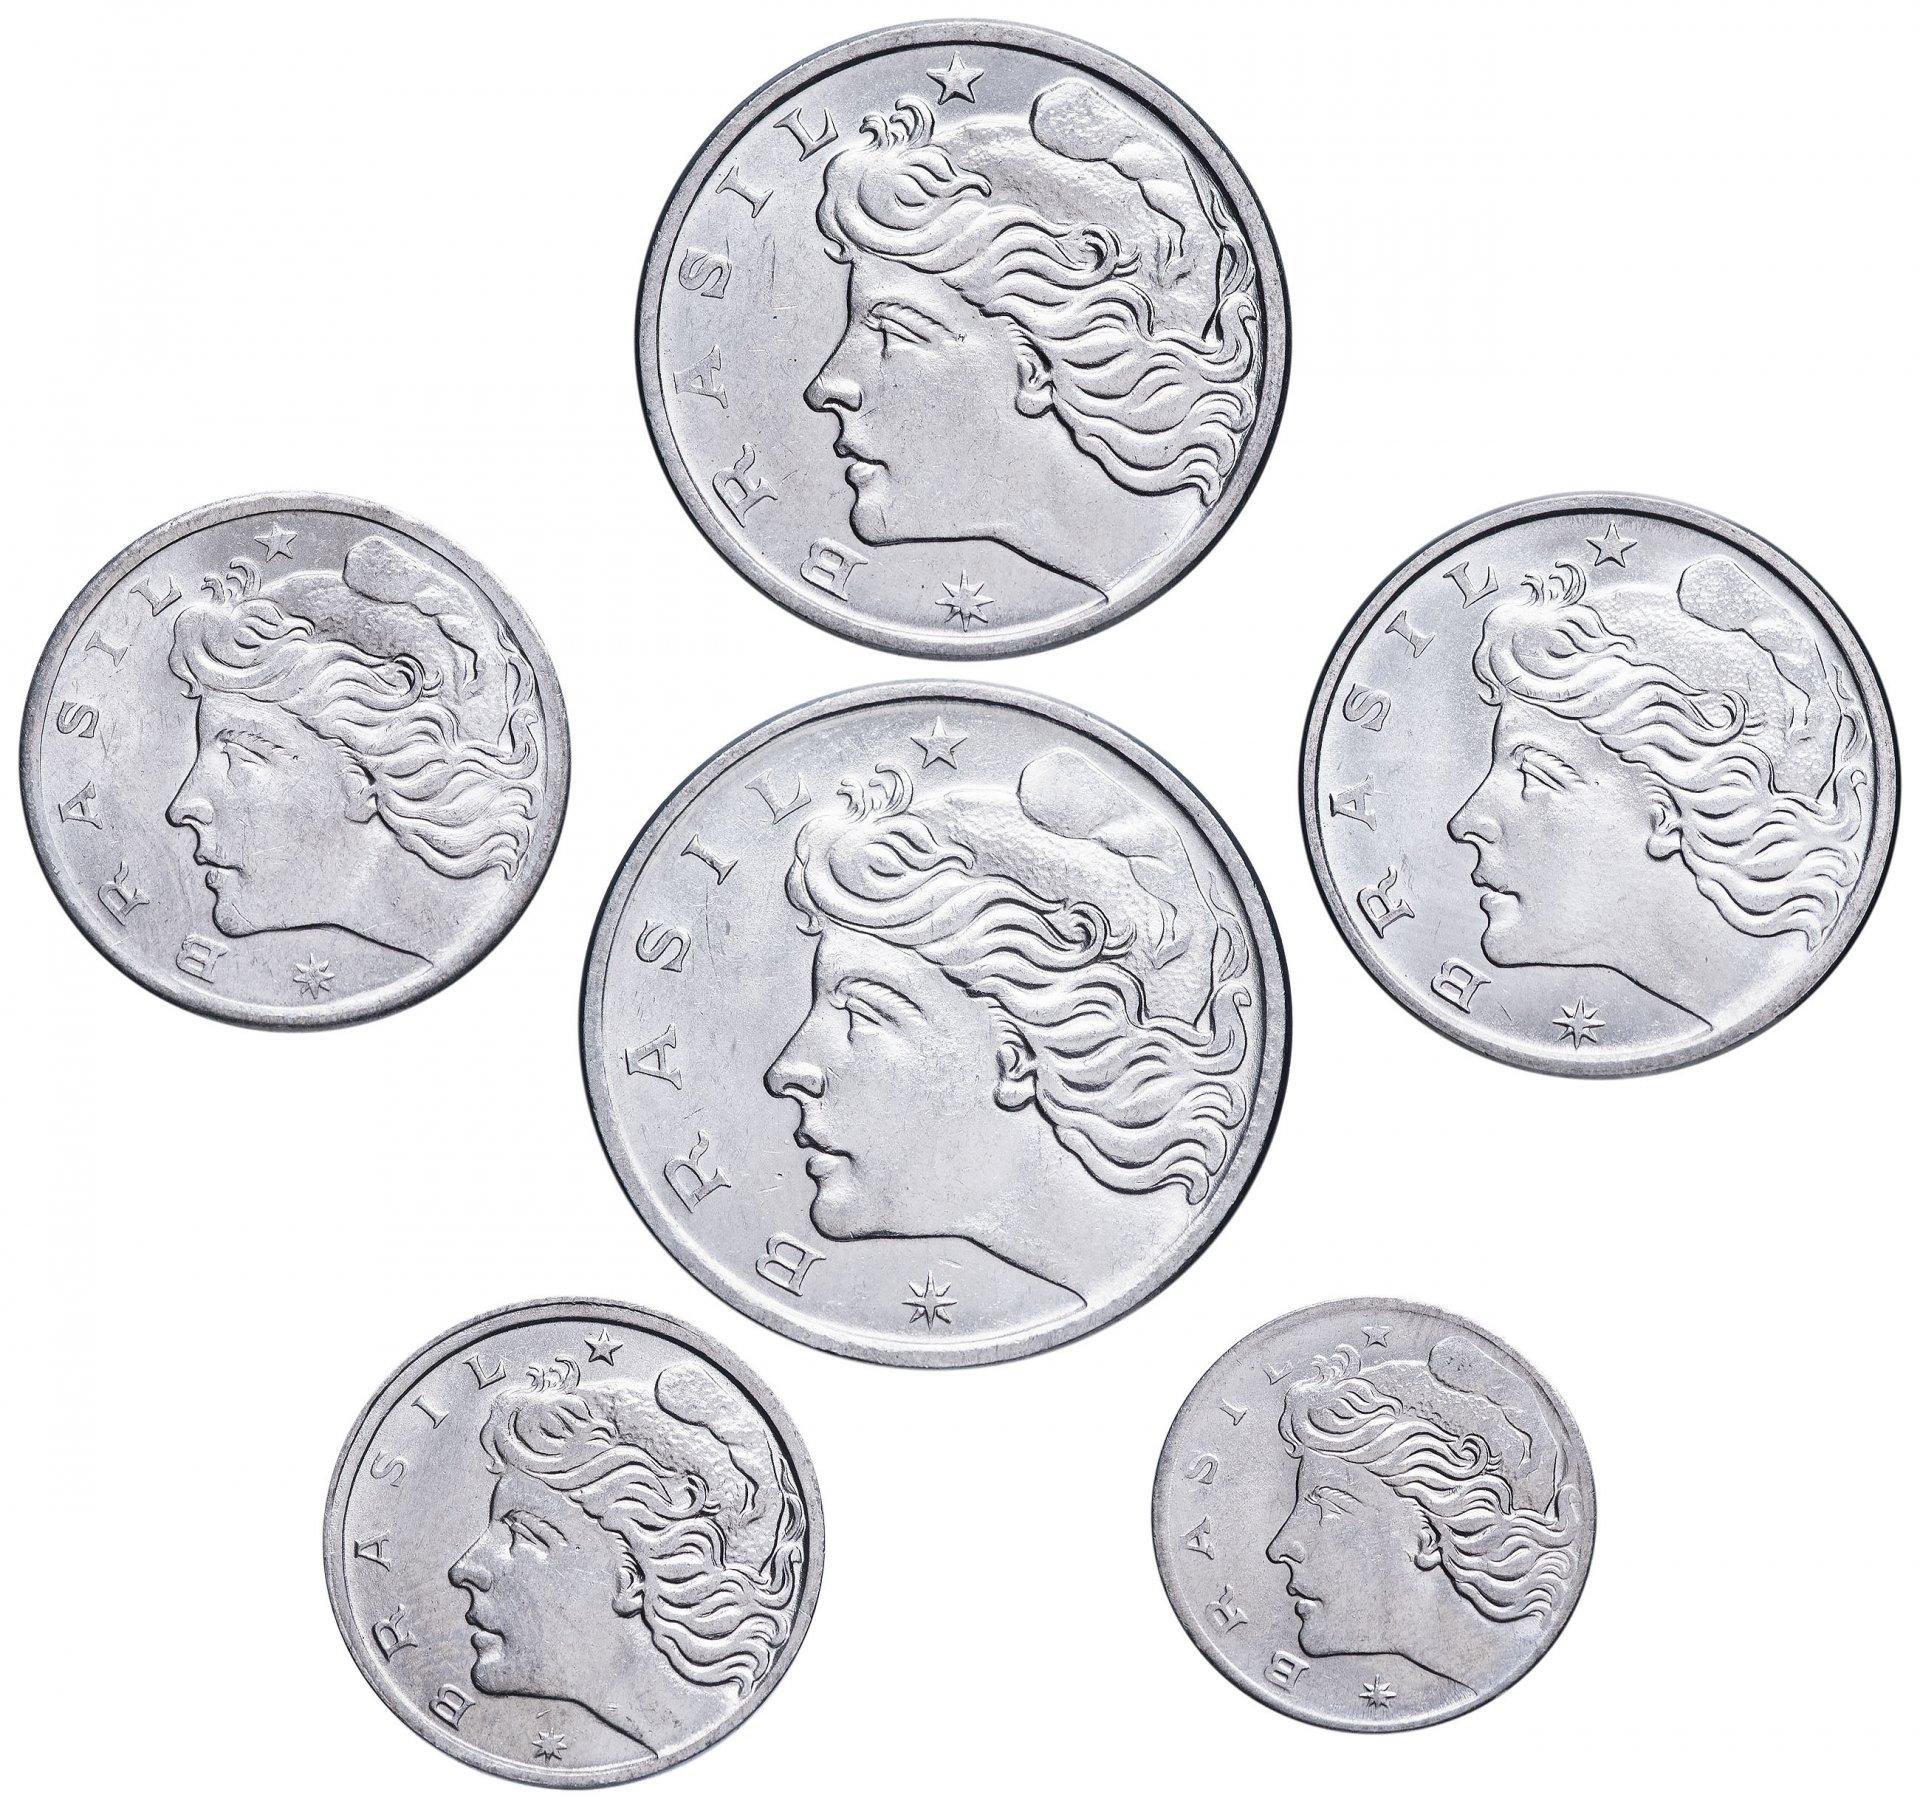 Все монеты камиллы кримсон 9